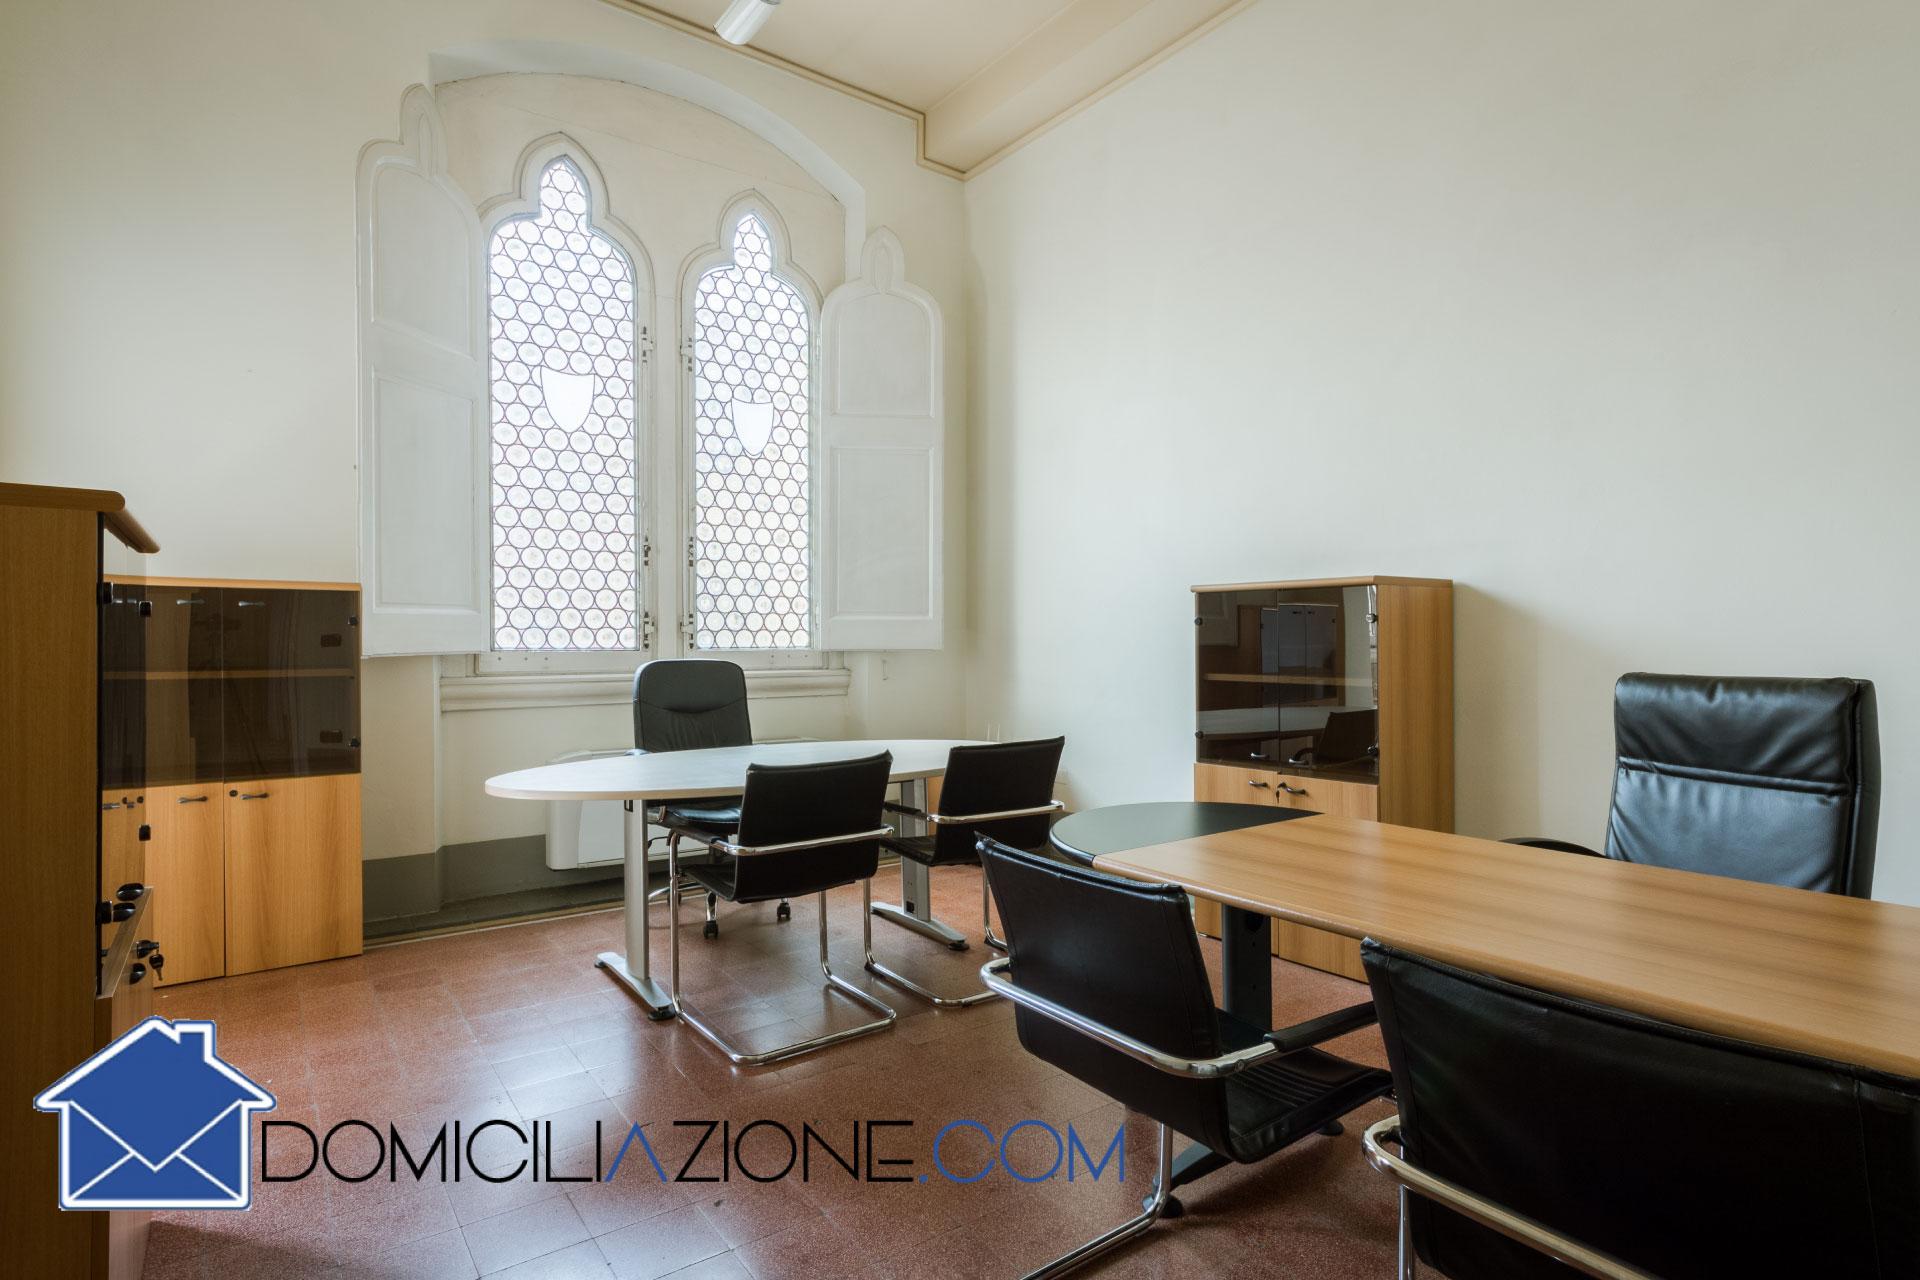 Uffici temporanei Firenze